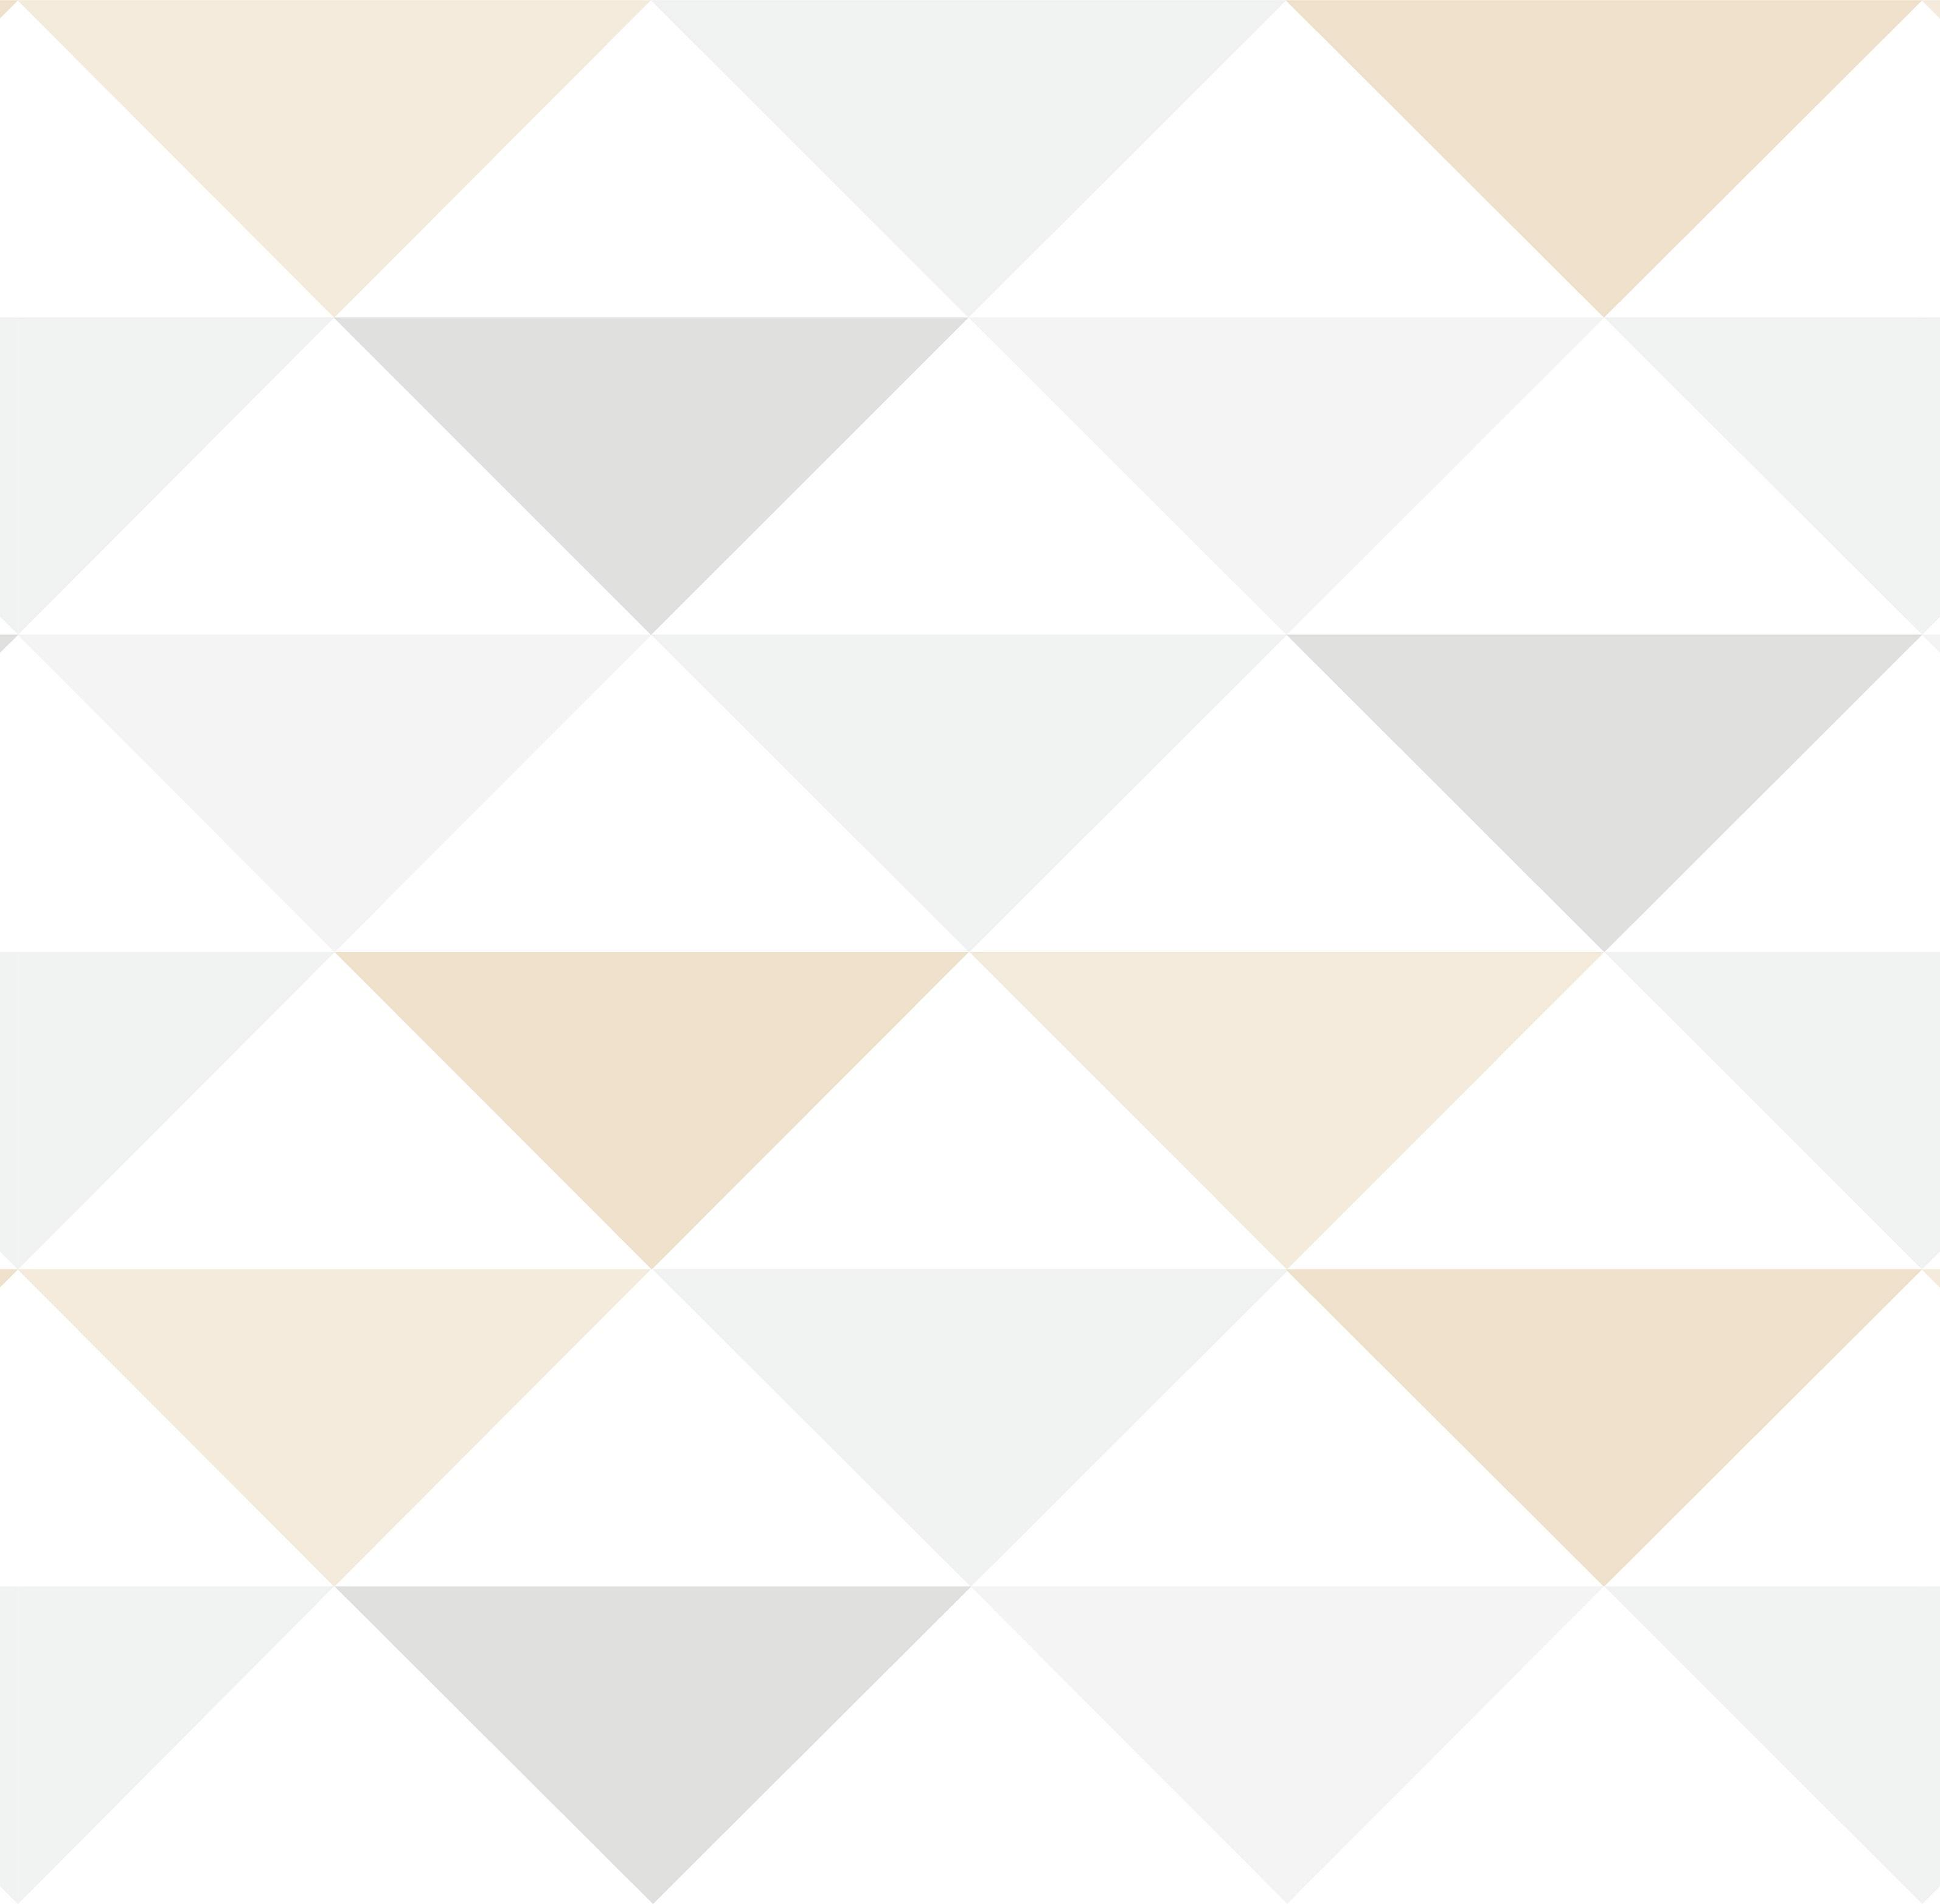 Geométrico triângulos_Variação_05b